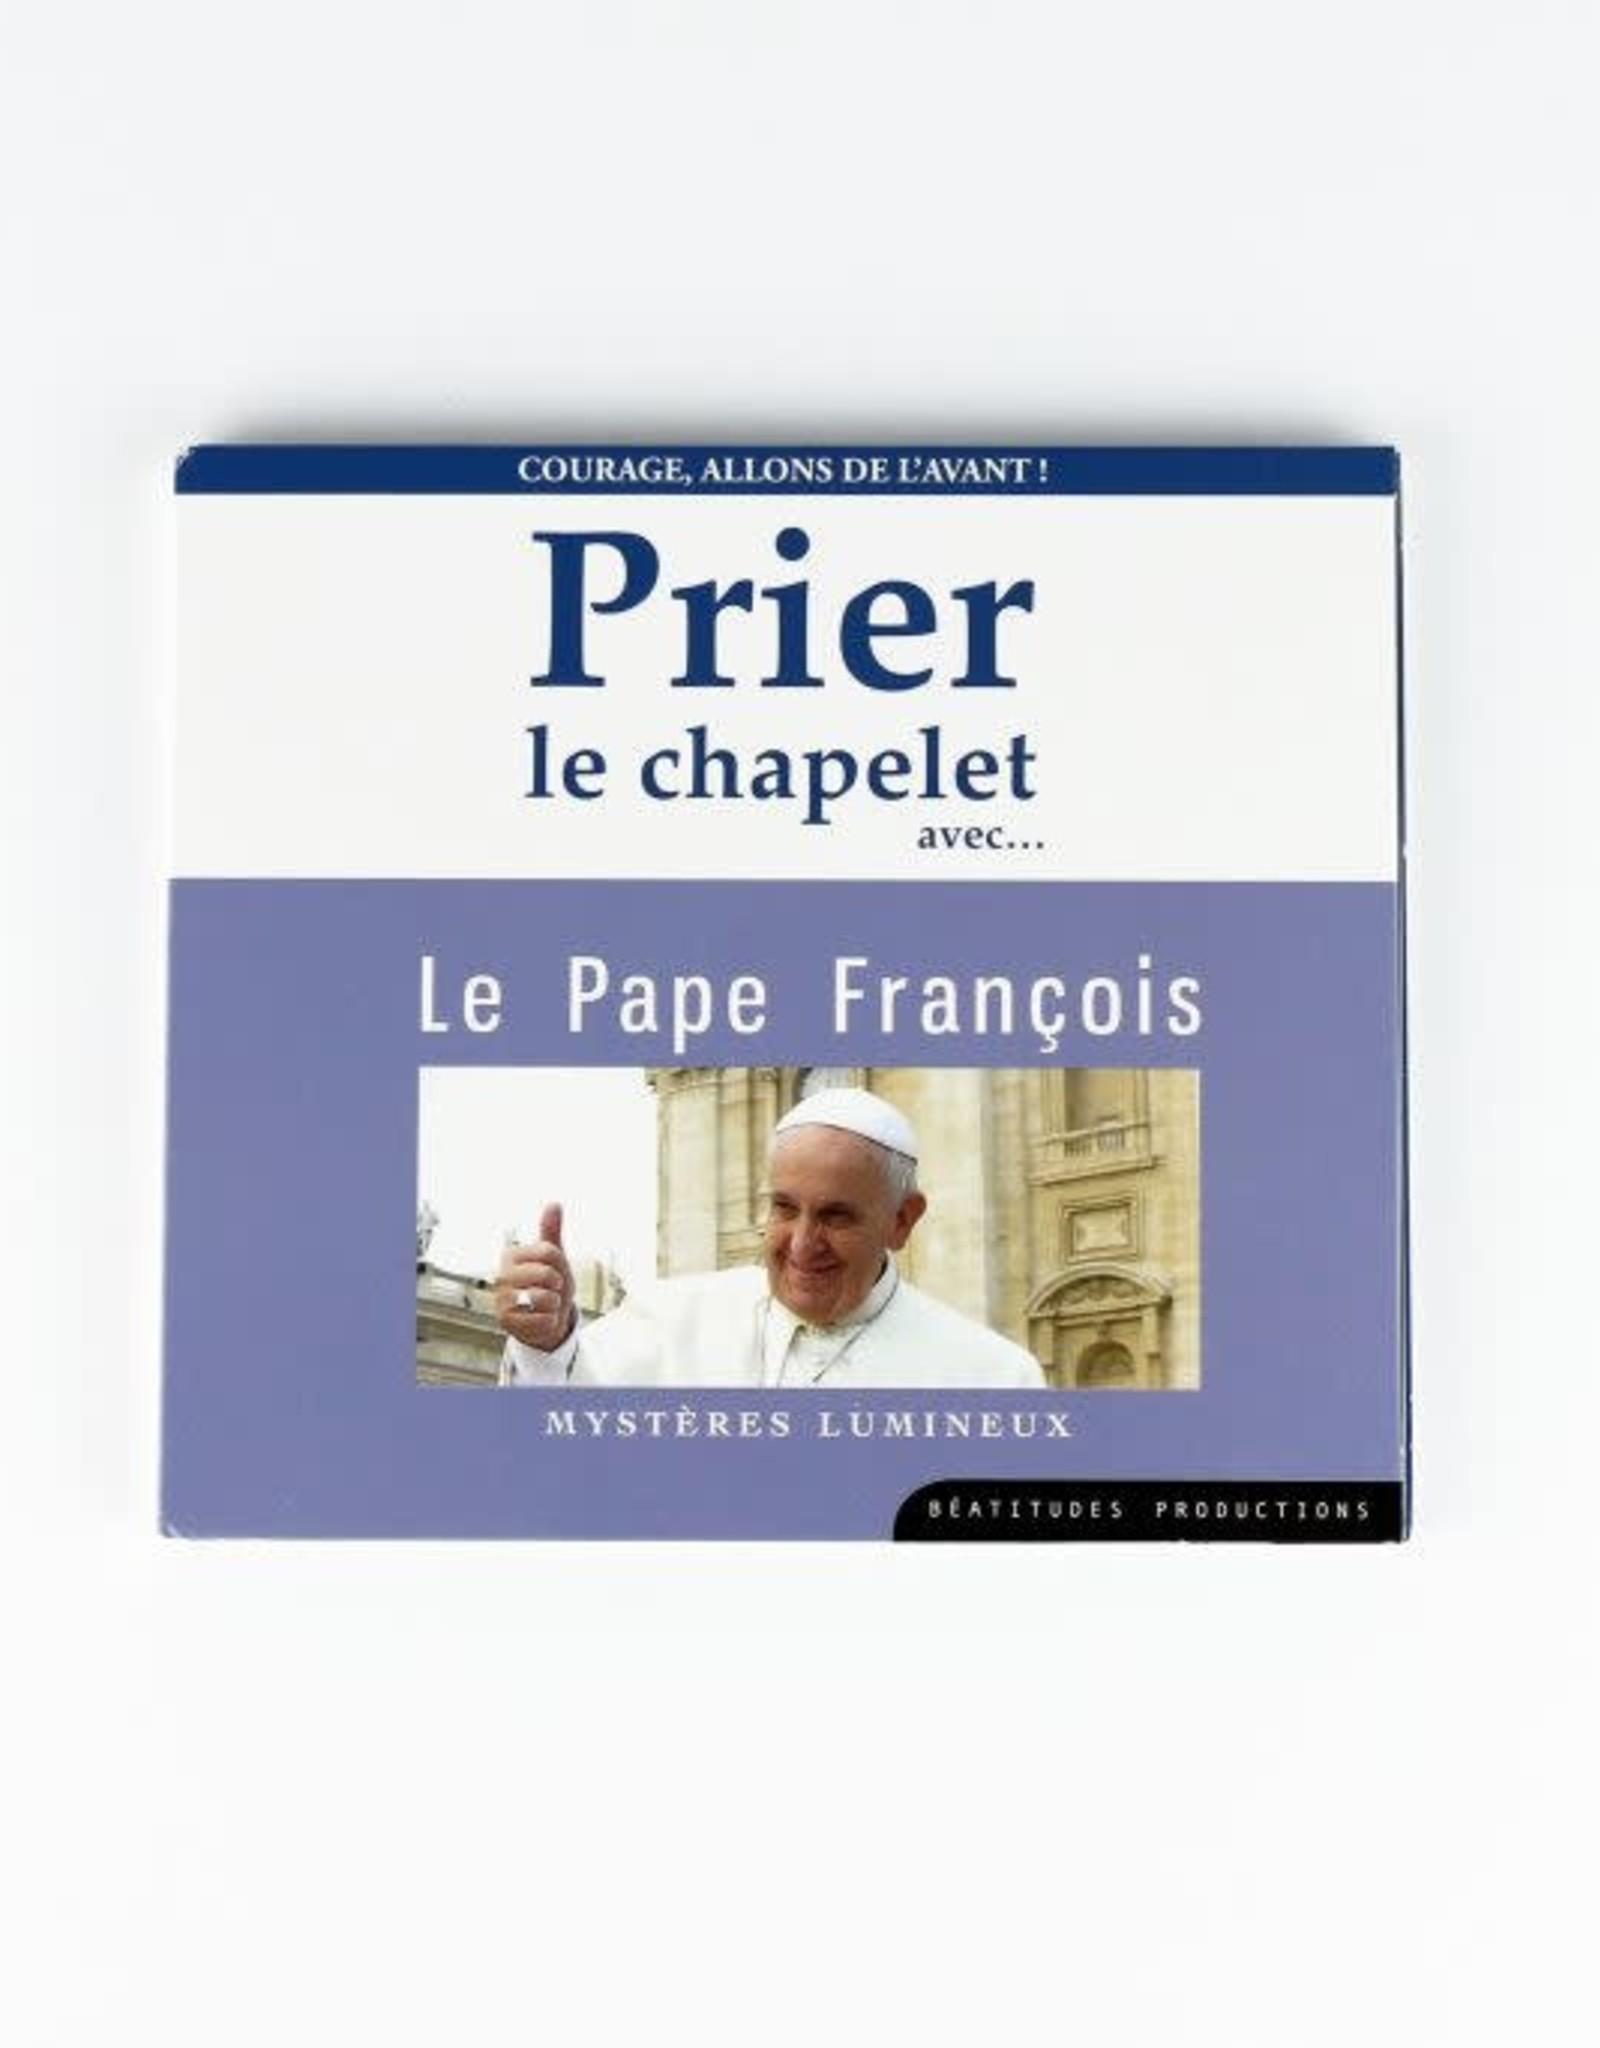 Prier le Chapelet avec le Pape François (CD)